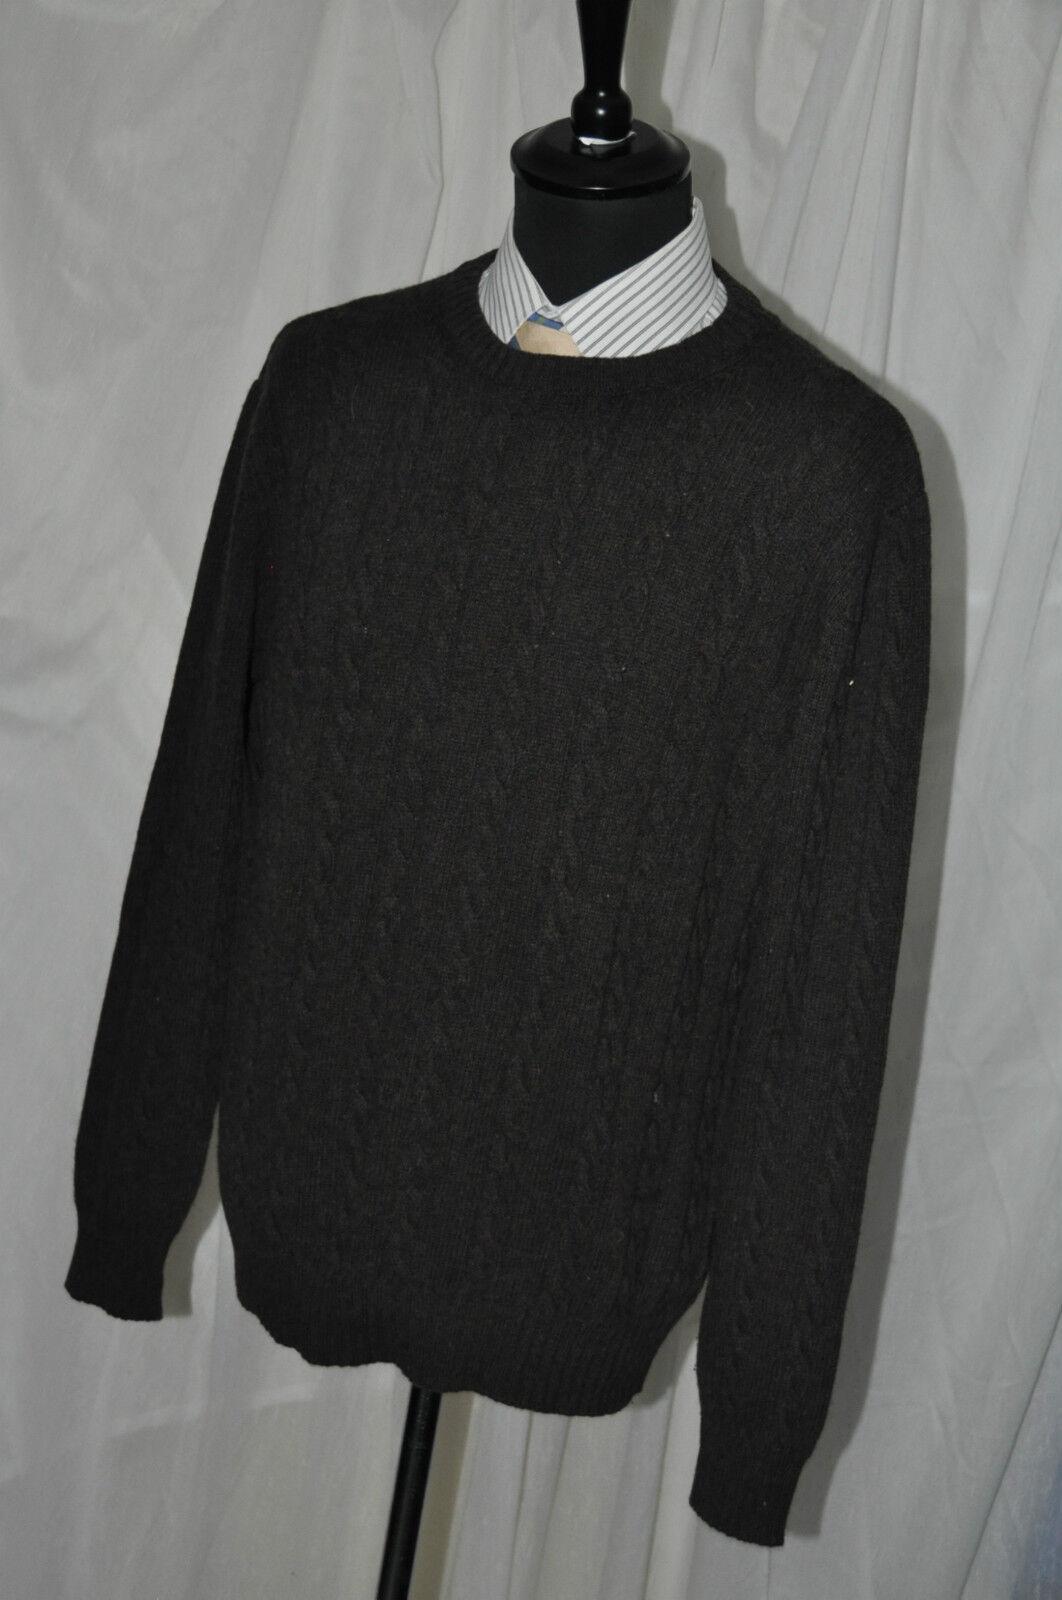 United colors of benetton Pullover Kaschmir/Angoramixed schokobraun Gr. L